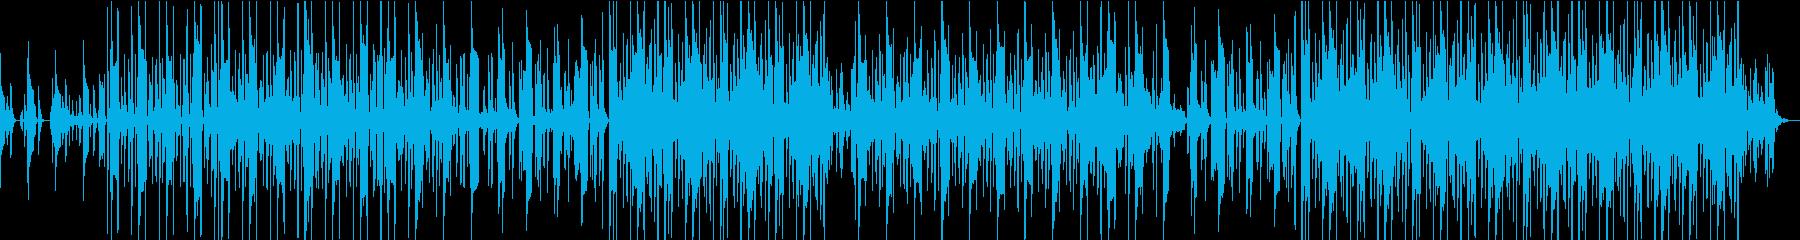 ポップ テクノ 邦楽 K-POP ...の再生済みの波形